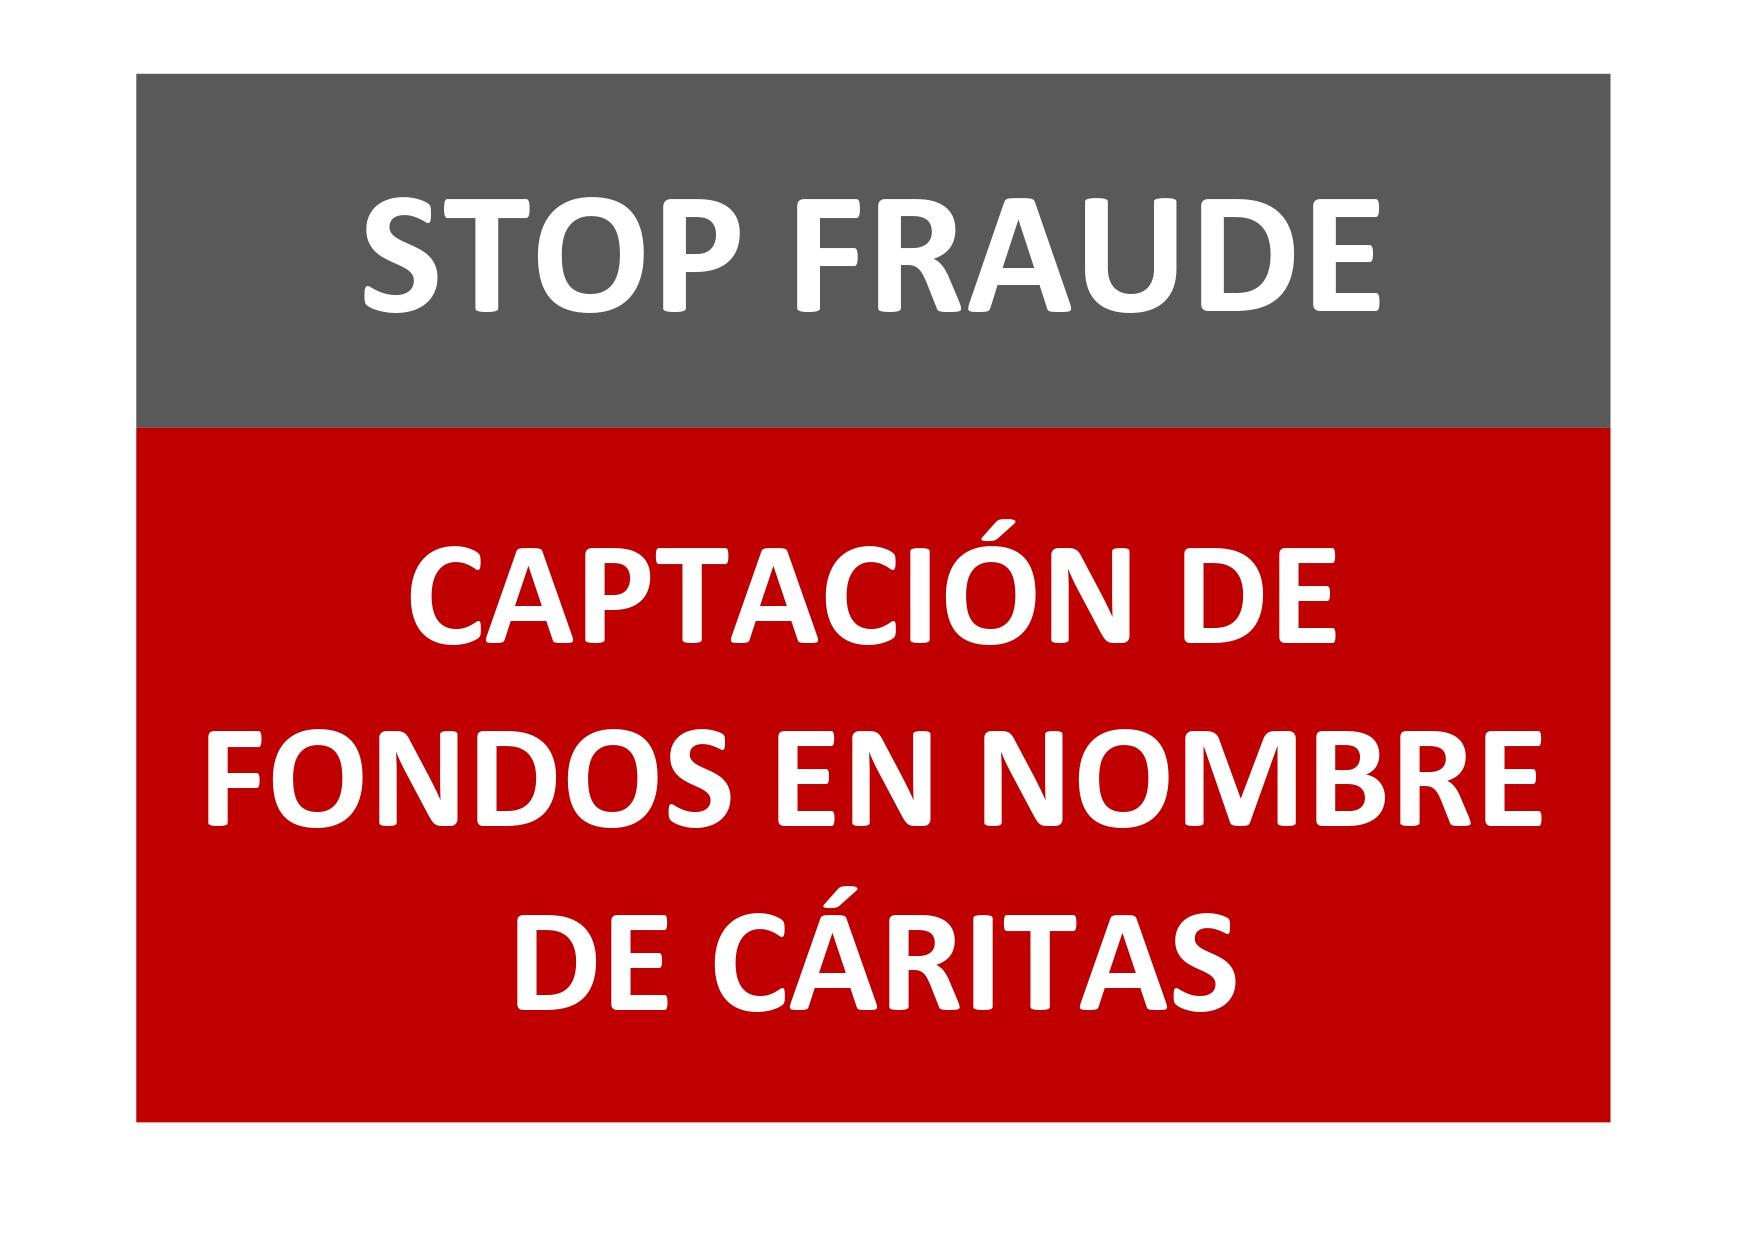 Cáritas denuncia una falsa campaña de captación de fondos para el coronavirus usando su nombre